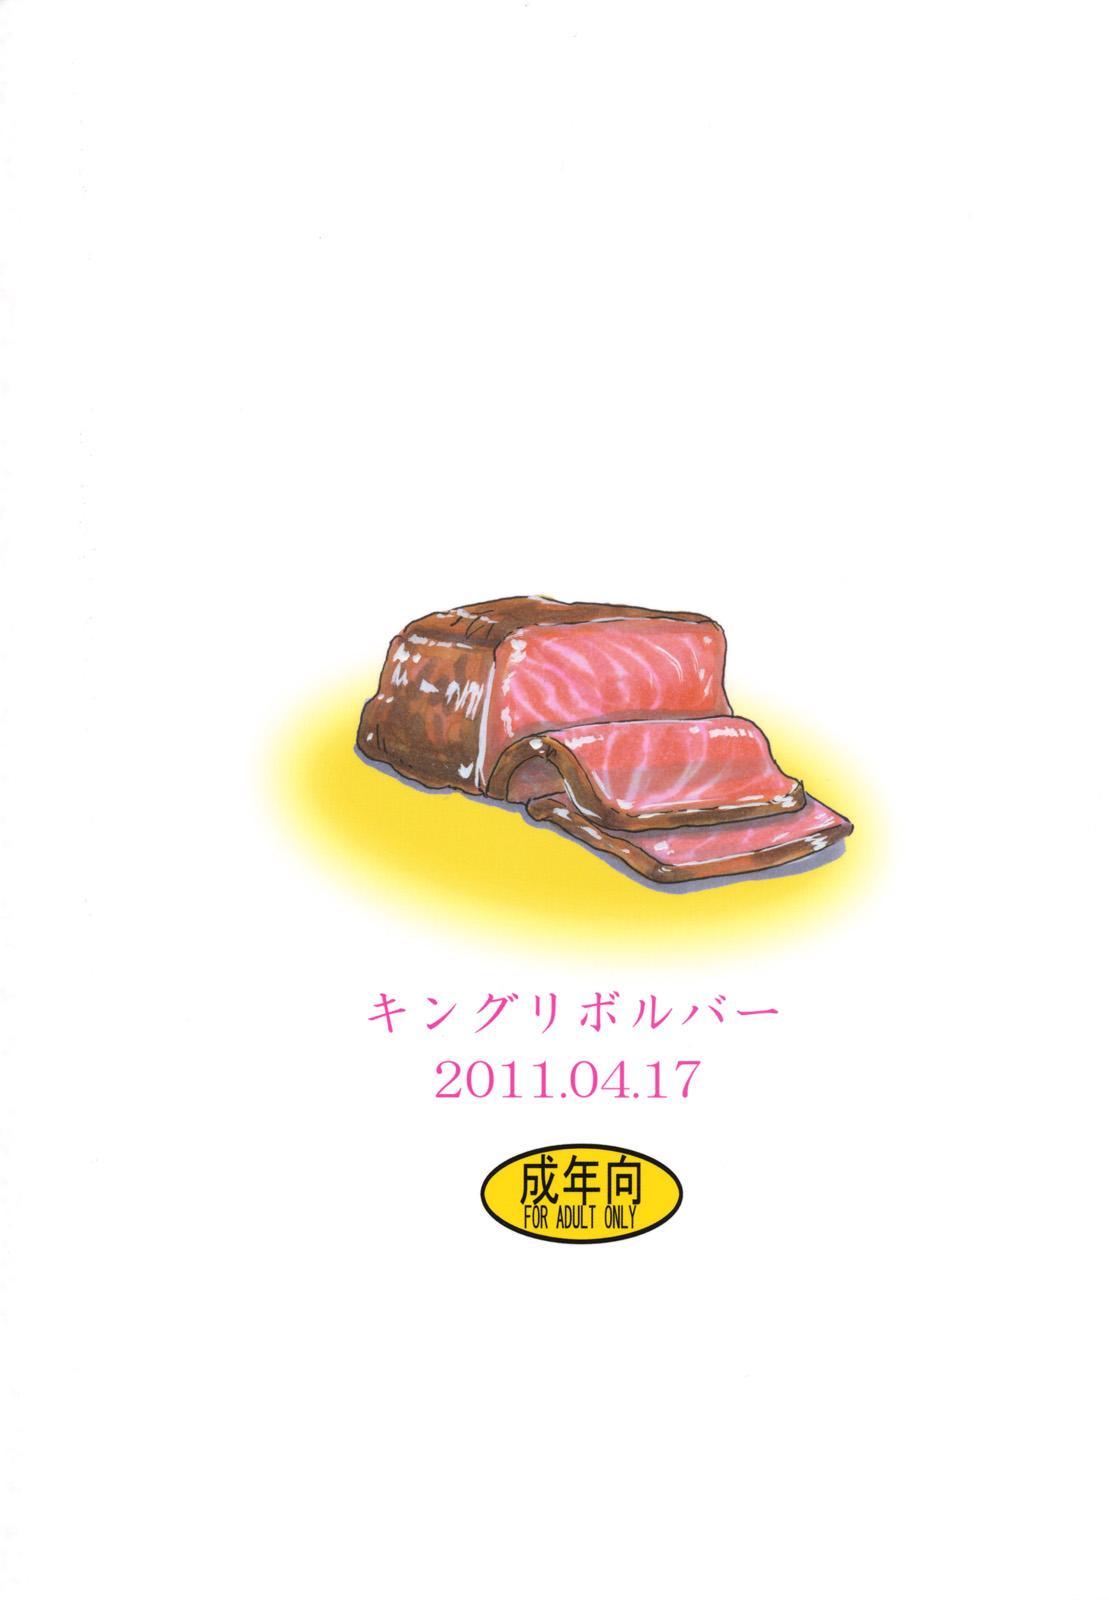 Haru no Bunny 25